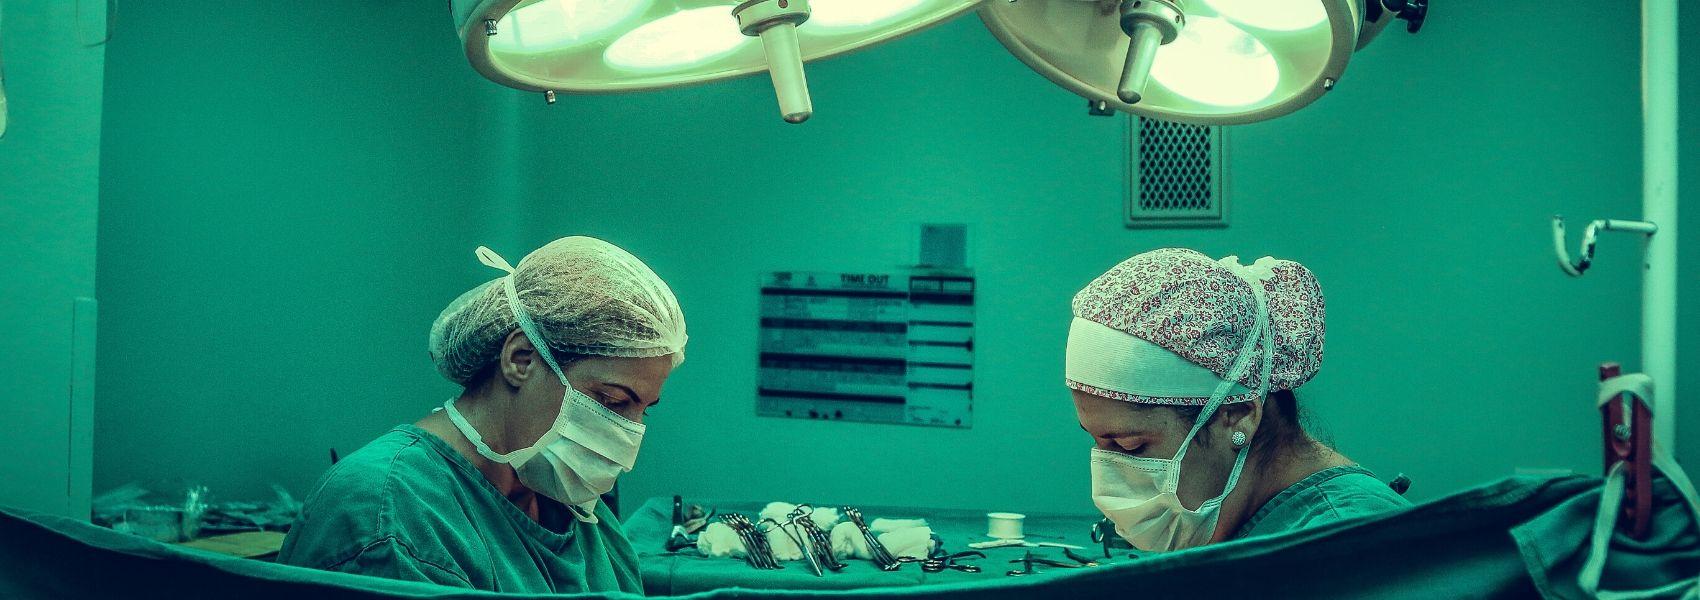 Antes, durante e depois da cirurgia: o que saber e o que deve perguntar